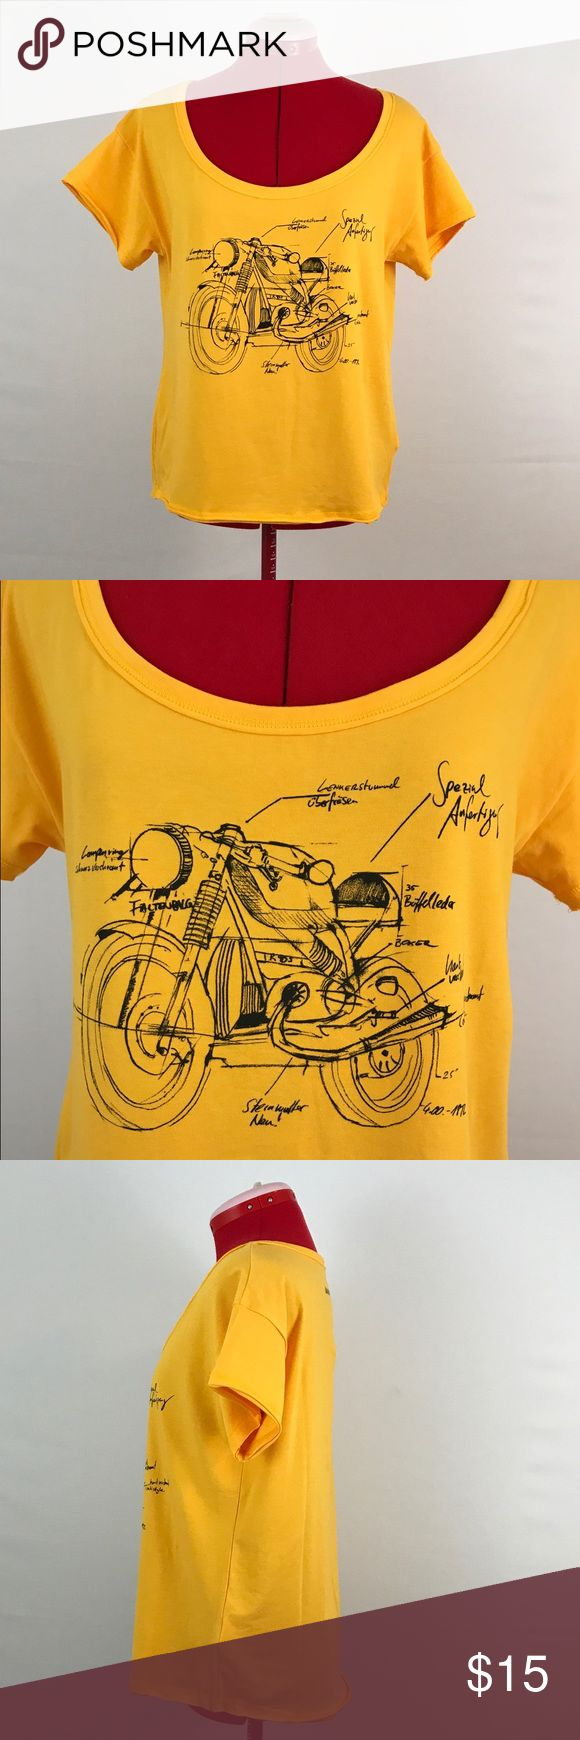 BMW Motorrad Short Sleeve top BMW Motorrad Short Sleeve top. This item is very gently pre-owned. BMW Mottorrad Tops Tees - Short Sleeve